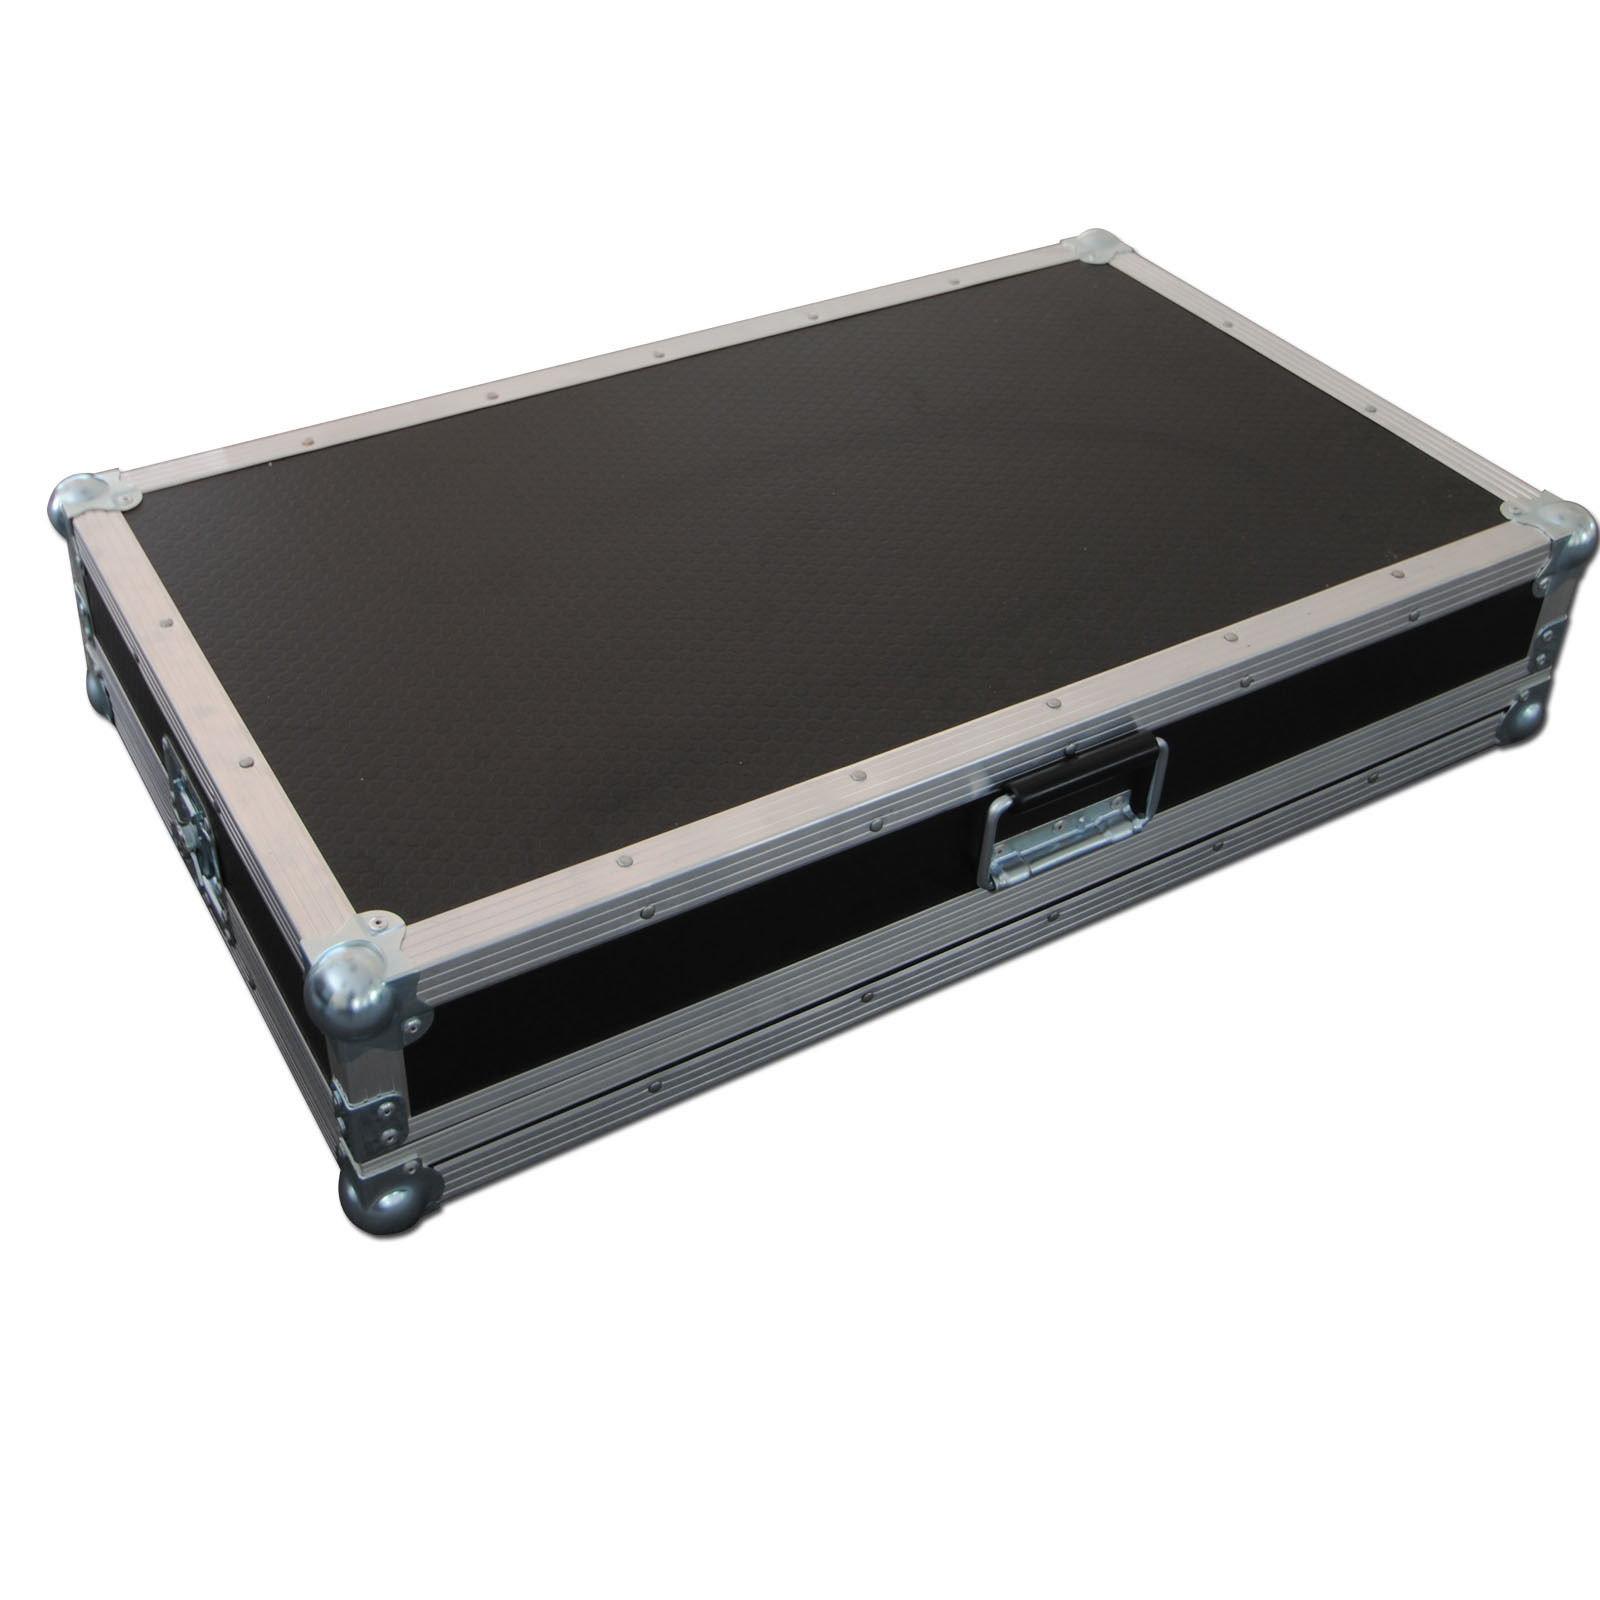 guitar effects pedal board flight case large. Black Bedroom Furniture Sets. Home Design Ideas